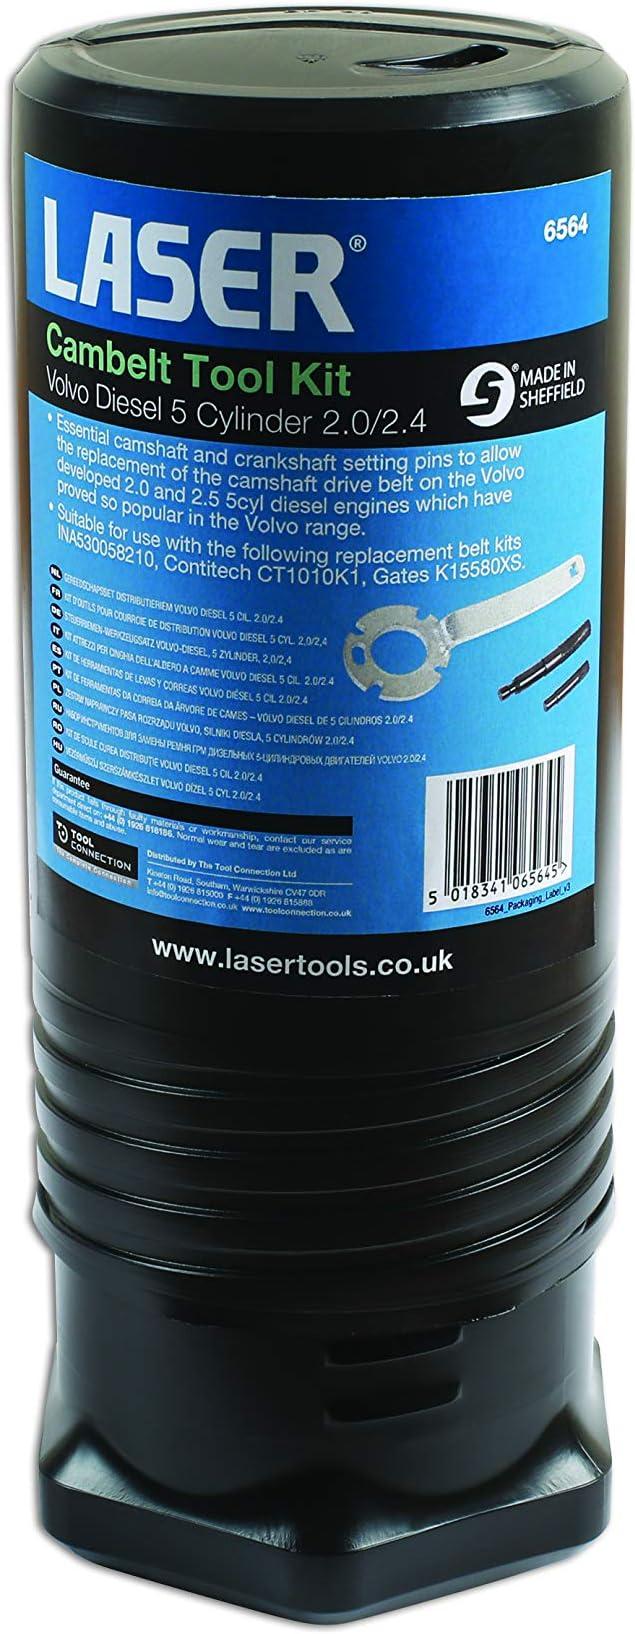 Laser Tools 6564 Cam-Belt Tool Kit Volvo Diesel 5 Cyl 2.0//2.4